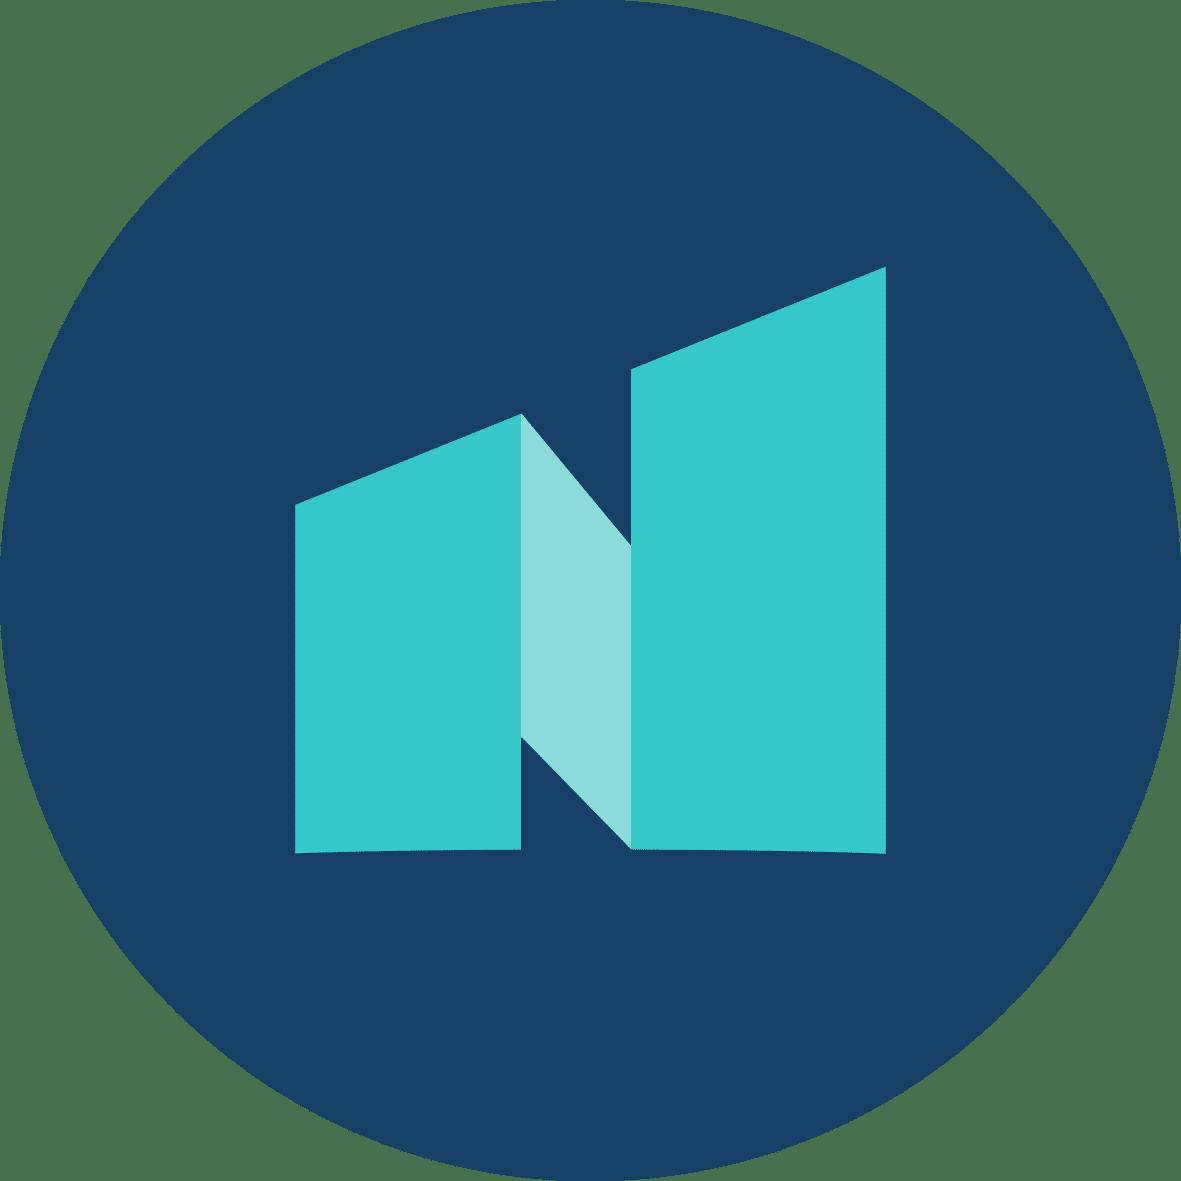 Netigate logo, leverantör av verktyg för marknadsundersökningar, varför kundresan är viktig